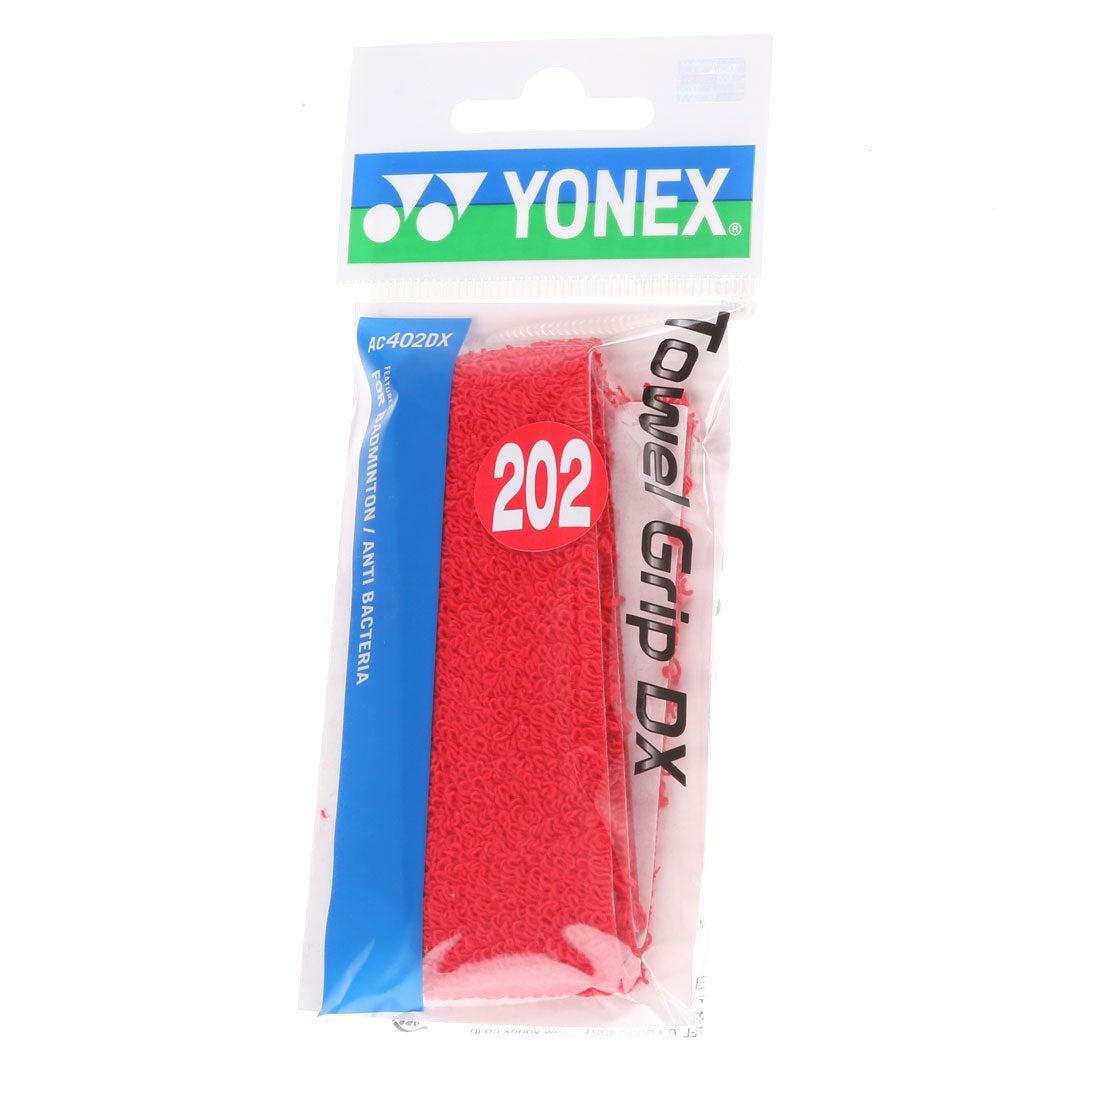 ロコンド 靴とファッションの通販サイトヨネックス YONEX バドミントンアクセサリー AC402DX